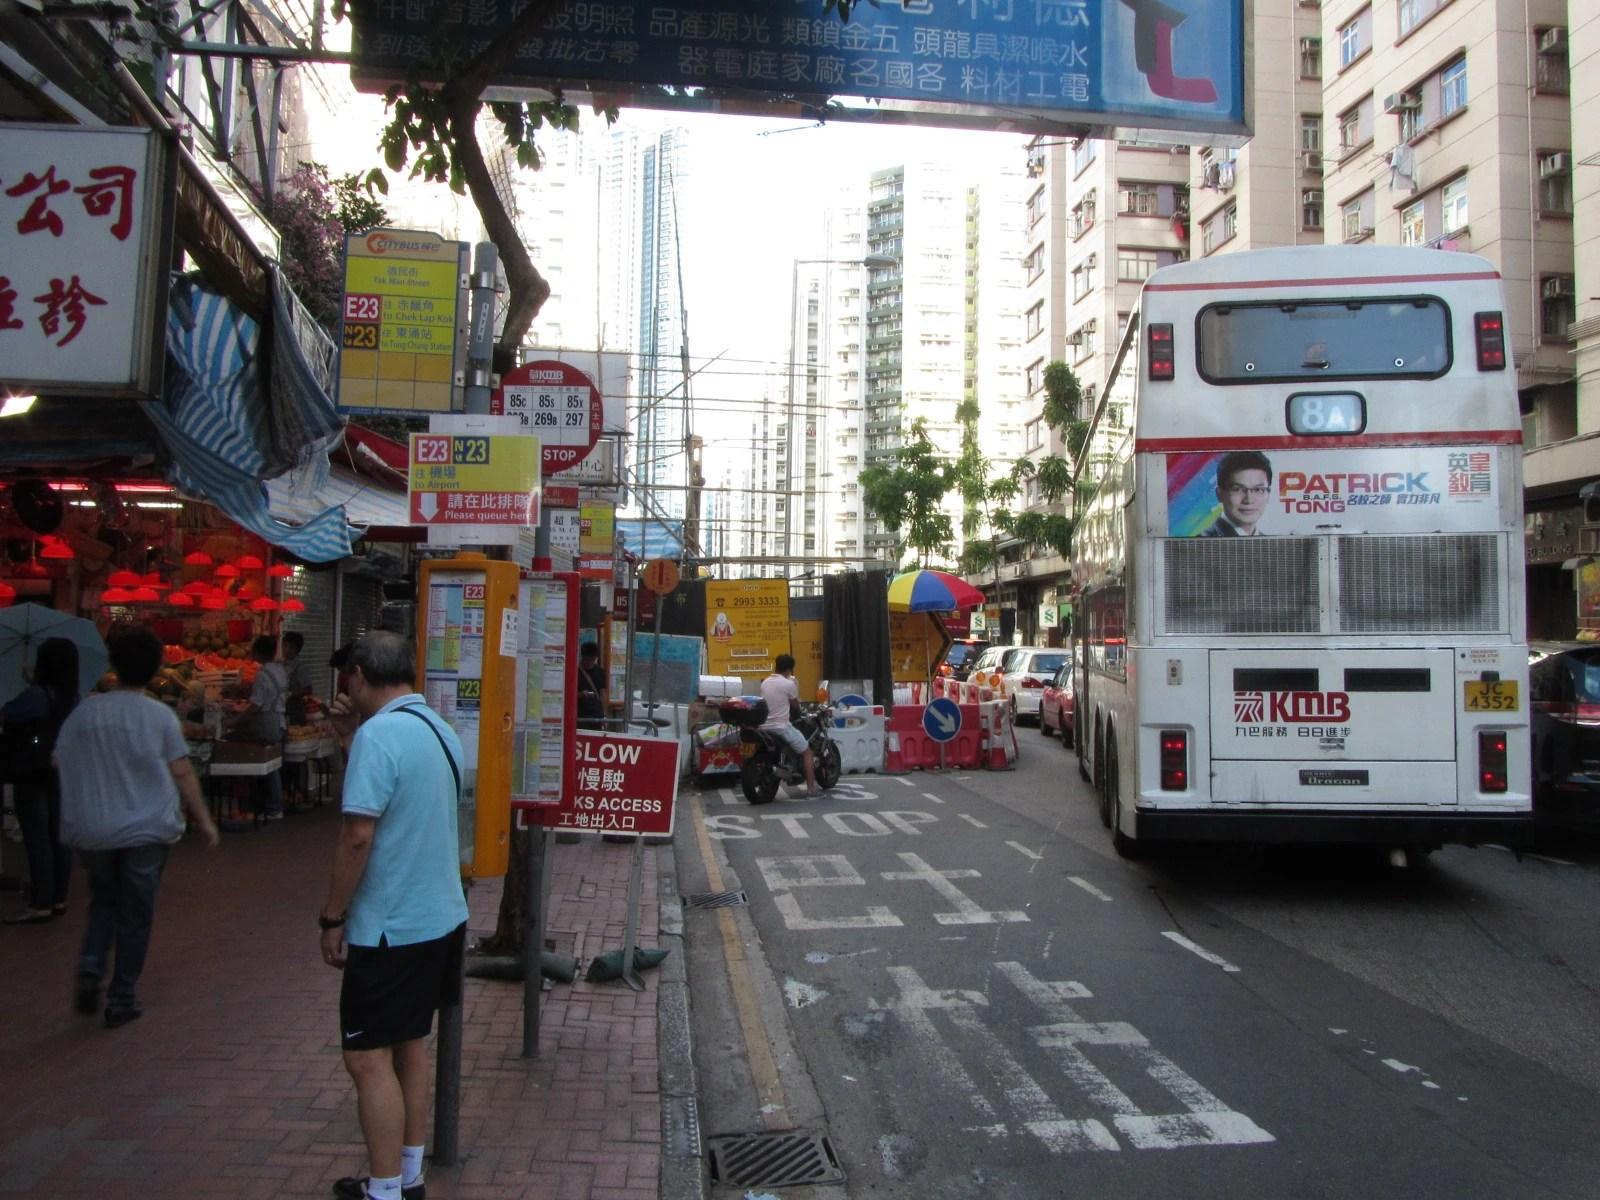 Tak Man Street bus stop 20120902-1